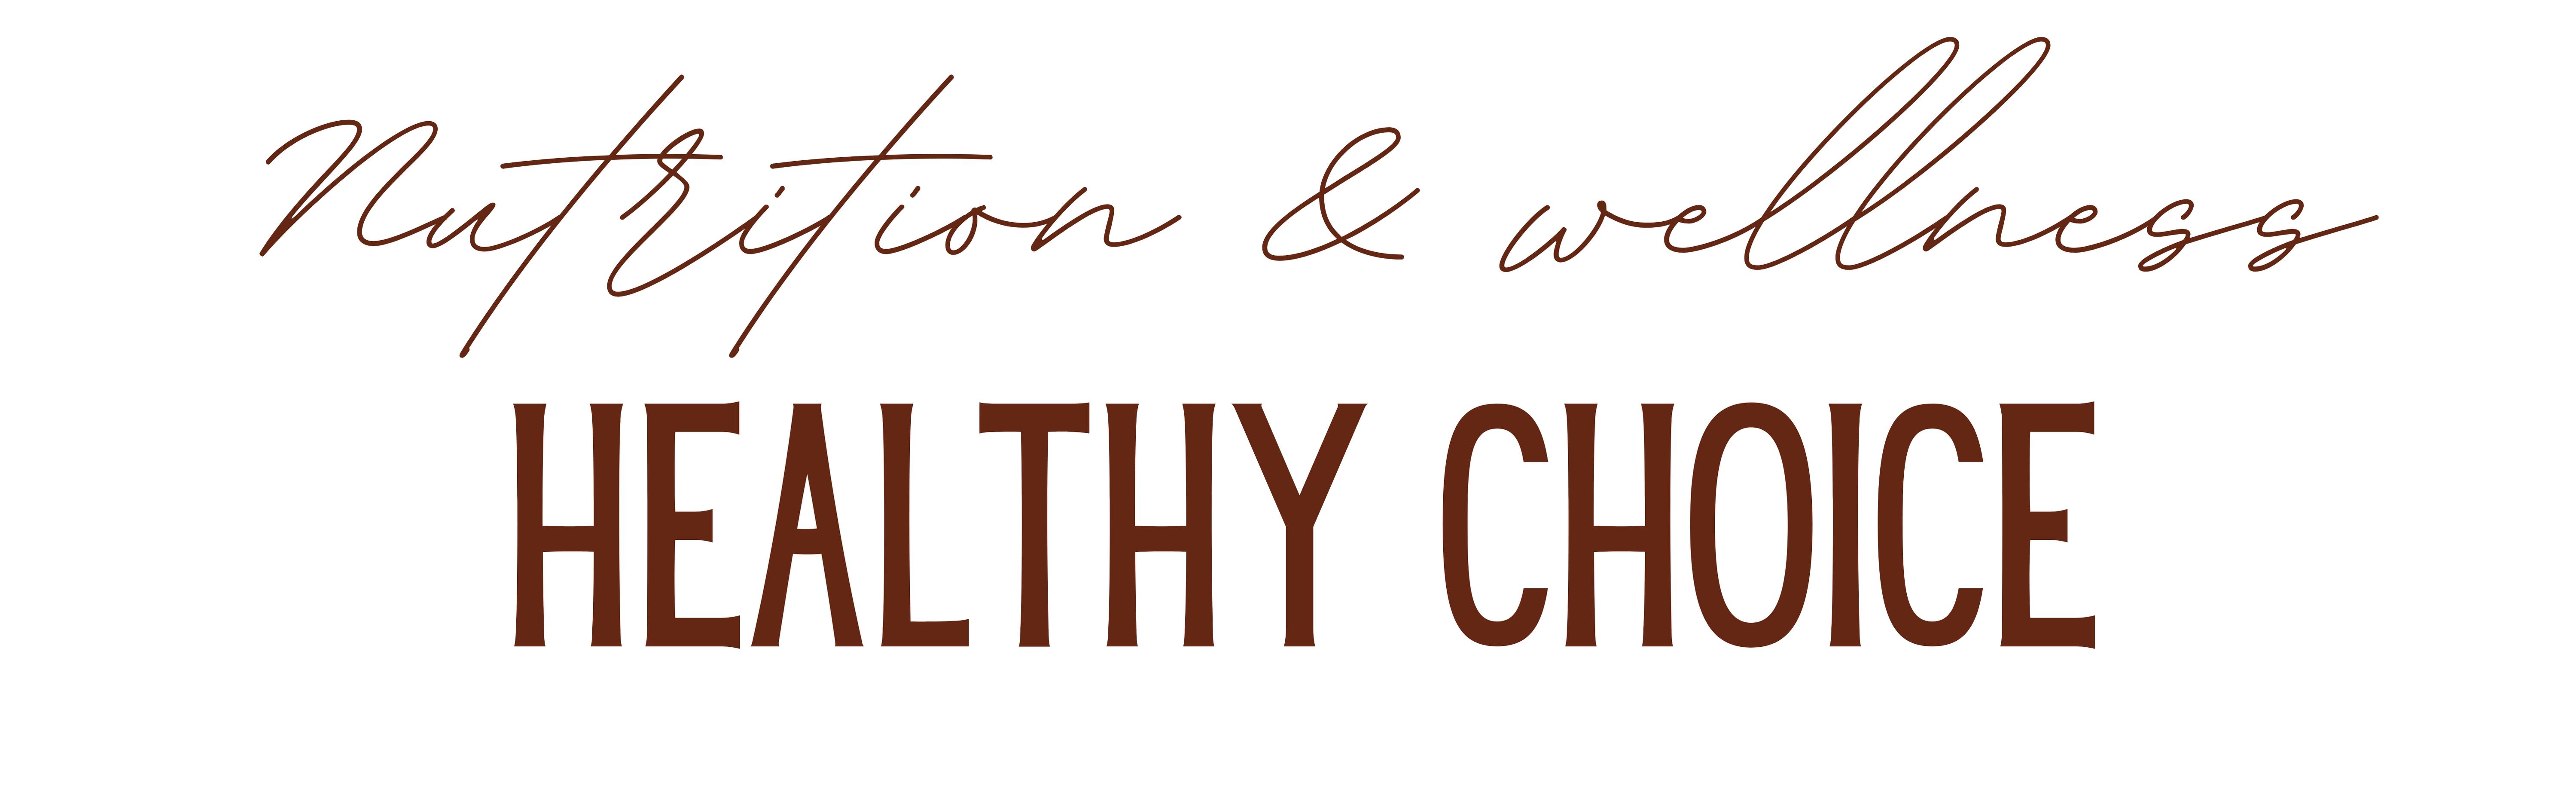 Healthy Choice – Nutrition & Wellness